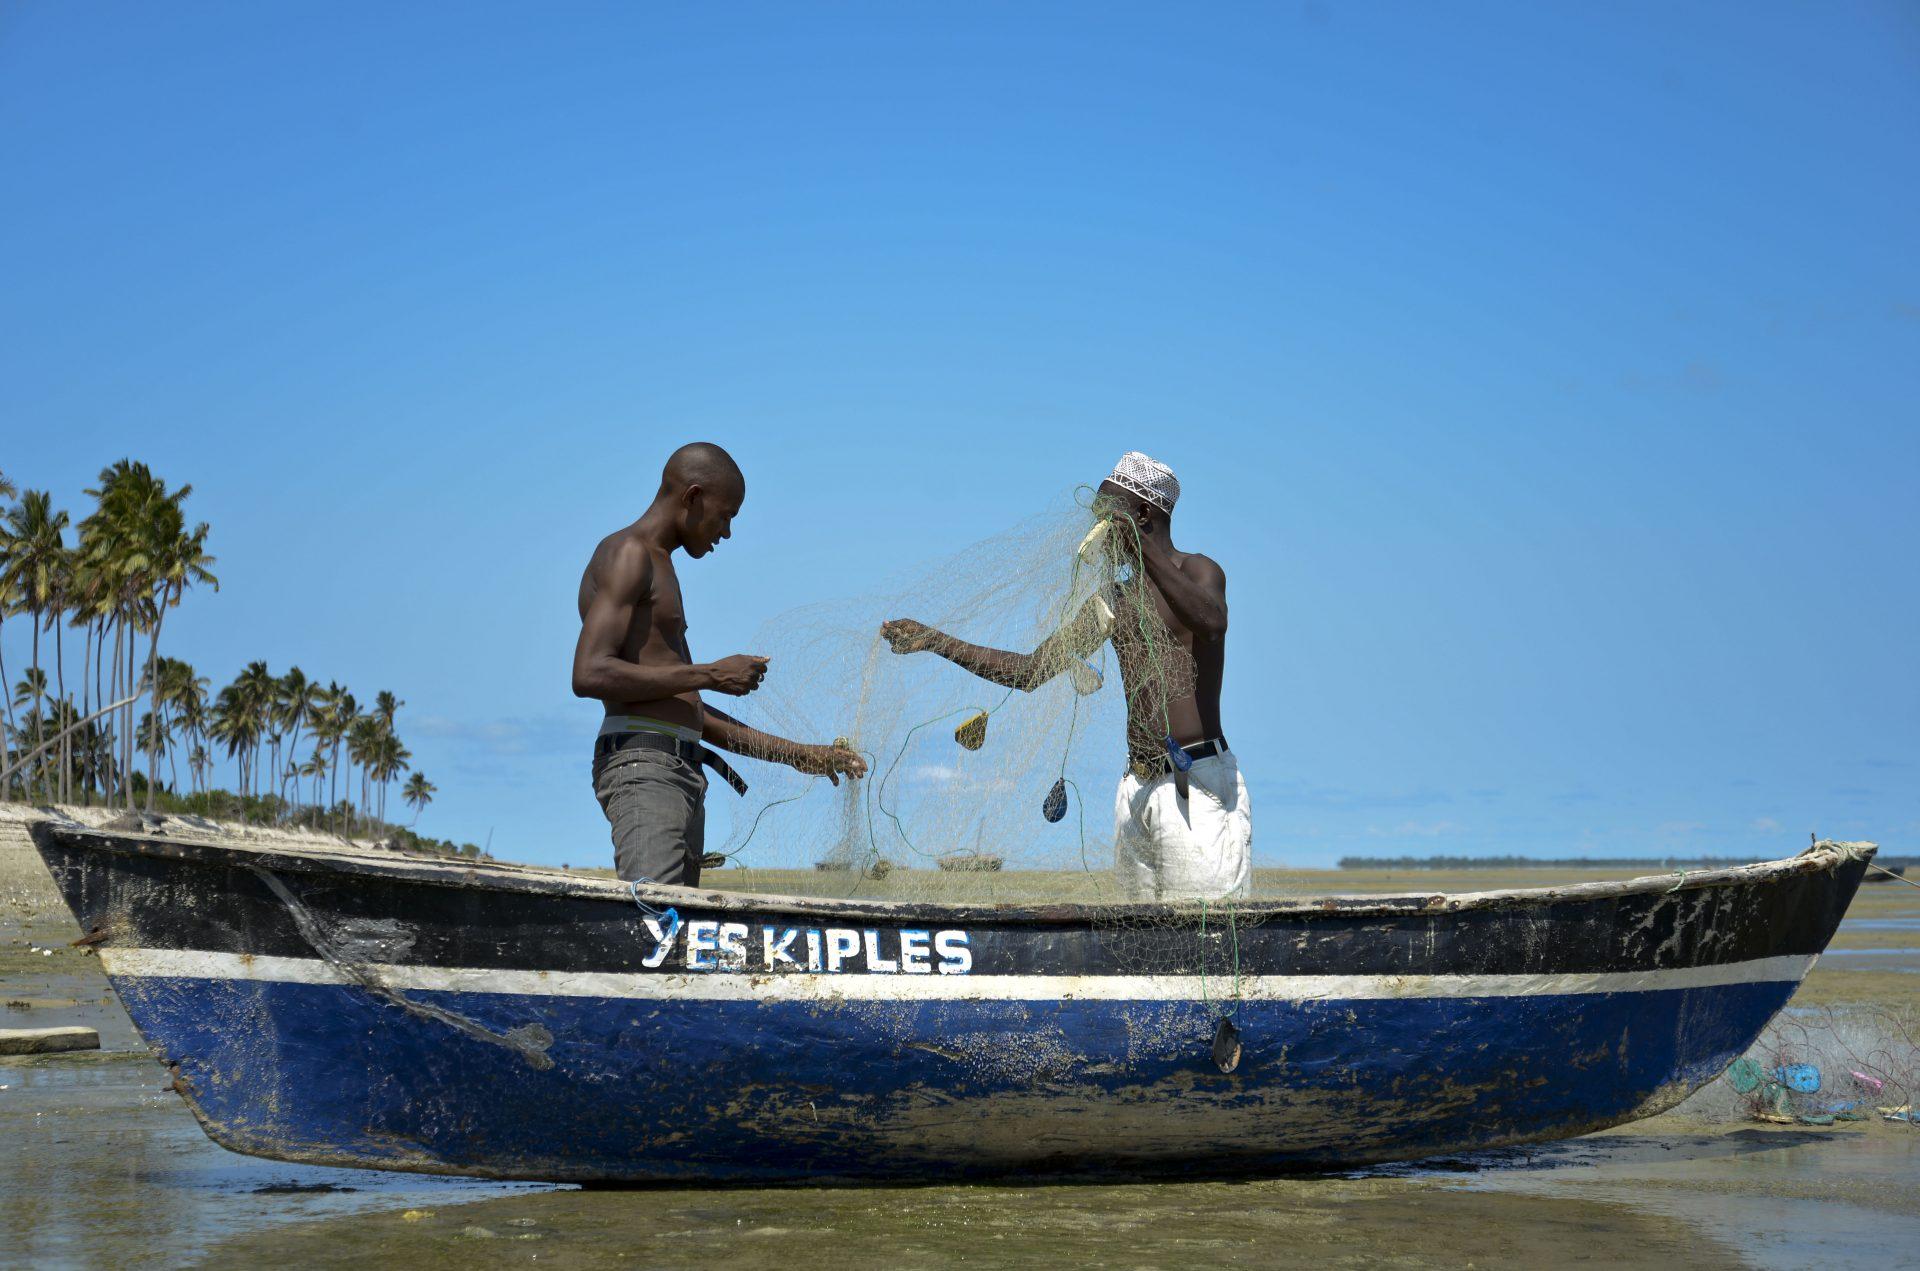 """Pescadores da aldeia da Maganja, no norte de Moçambique, preparam as suas redes para a pesca, 16 de março de 2015. A comunidade de pescadores da aldeia de Maganja vive dias de incerteza desde que foi informada que """"o mar vai fechar"""", por causa da instalação de um megaprojeto de processamento de gás natural. EMANUEL PEREIRA/LUSA"""